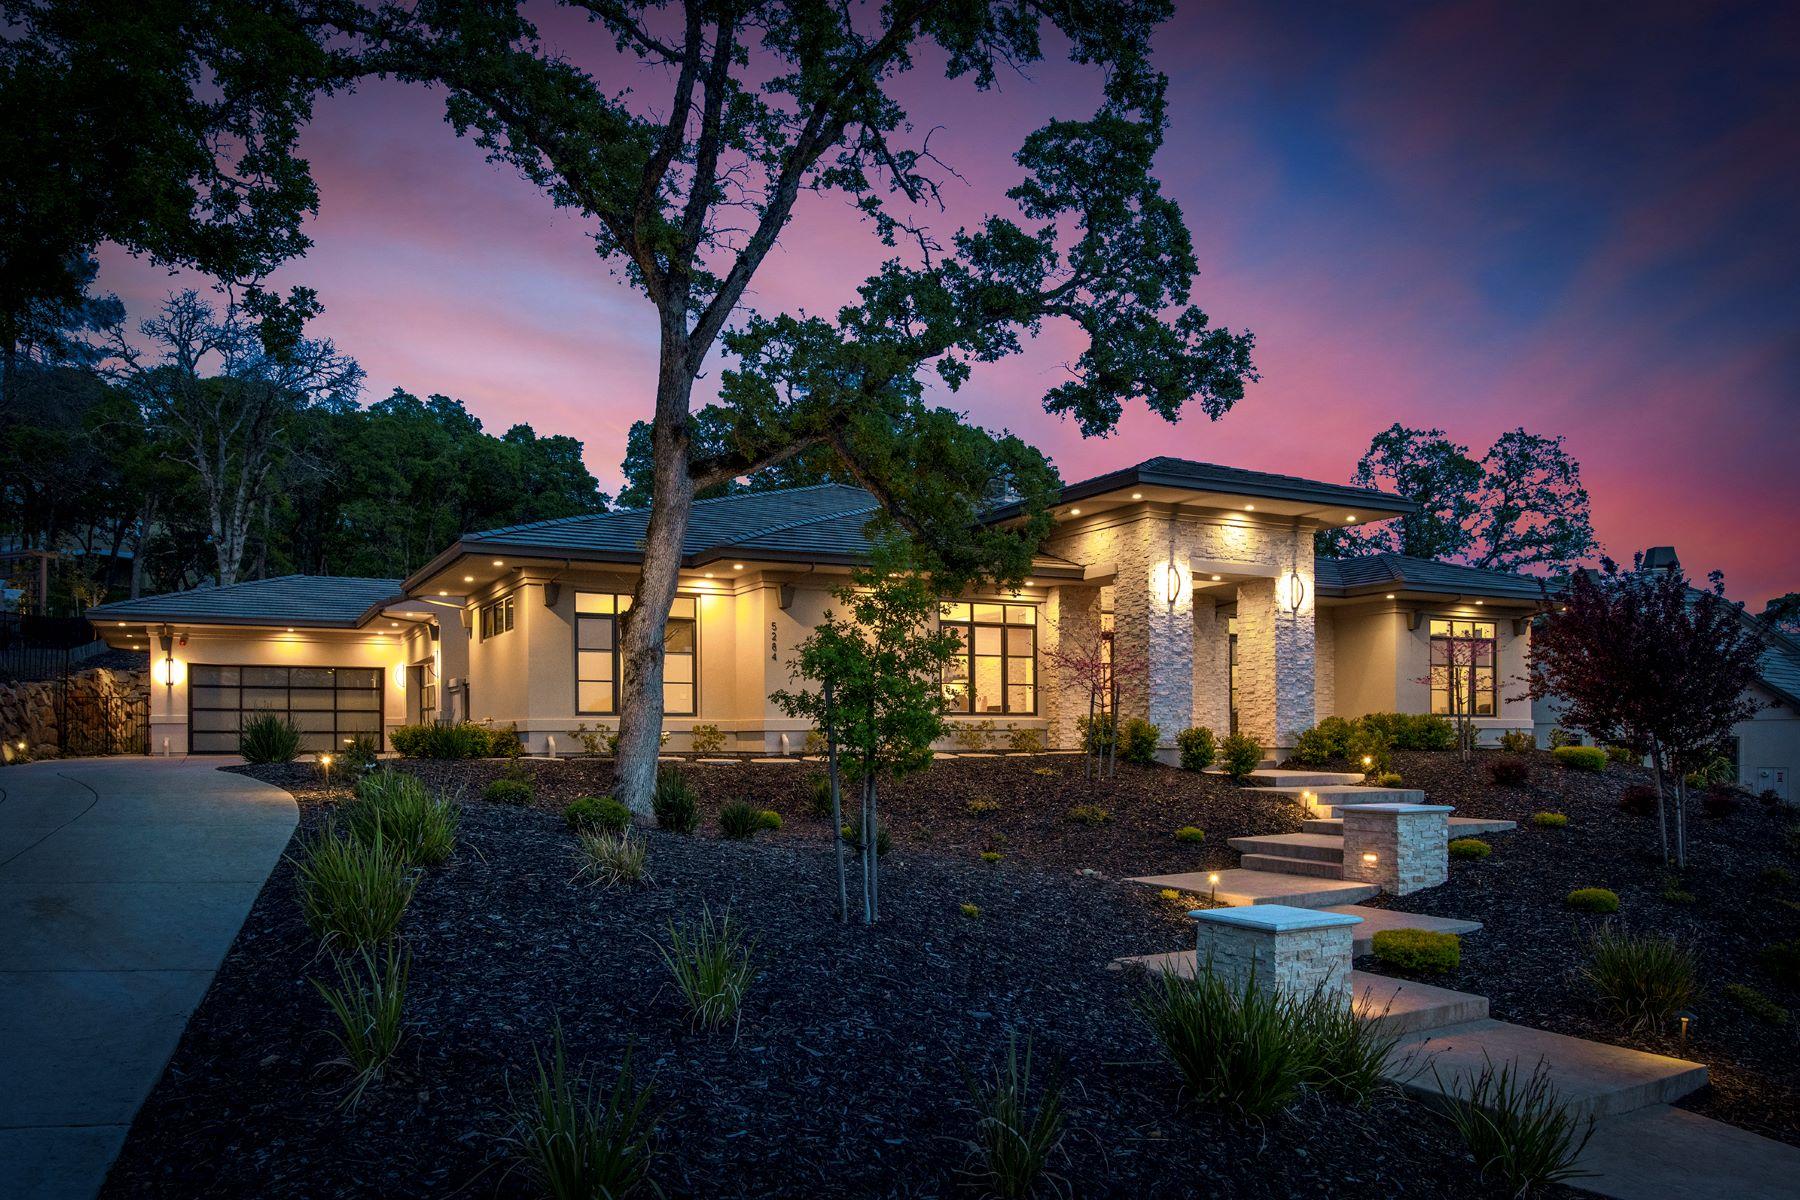 独户住宅 为 销售 在 5284 Da Vinci Drive, El Dorado Hills, CA 95762 5284 Da Vinci Drive El Dorado Hills, 加利福尼亚州 95762 美国